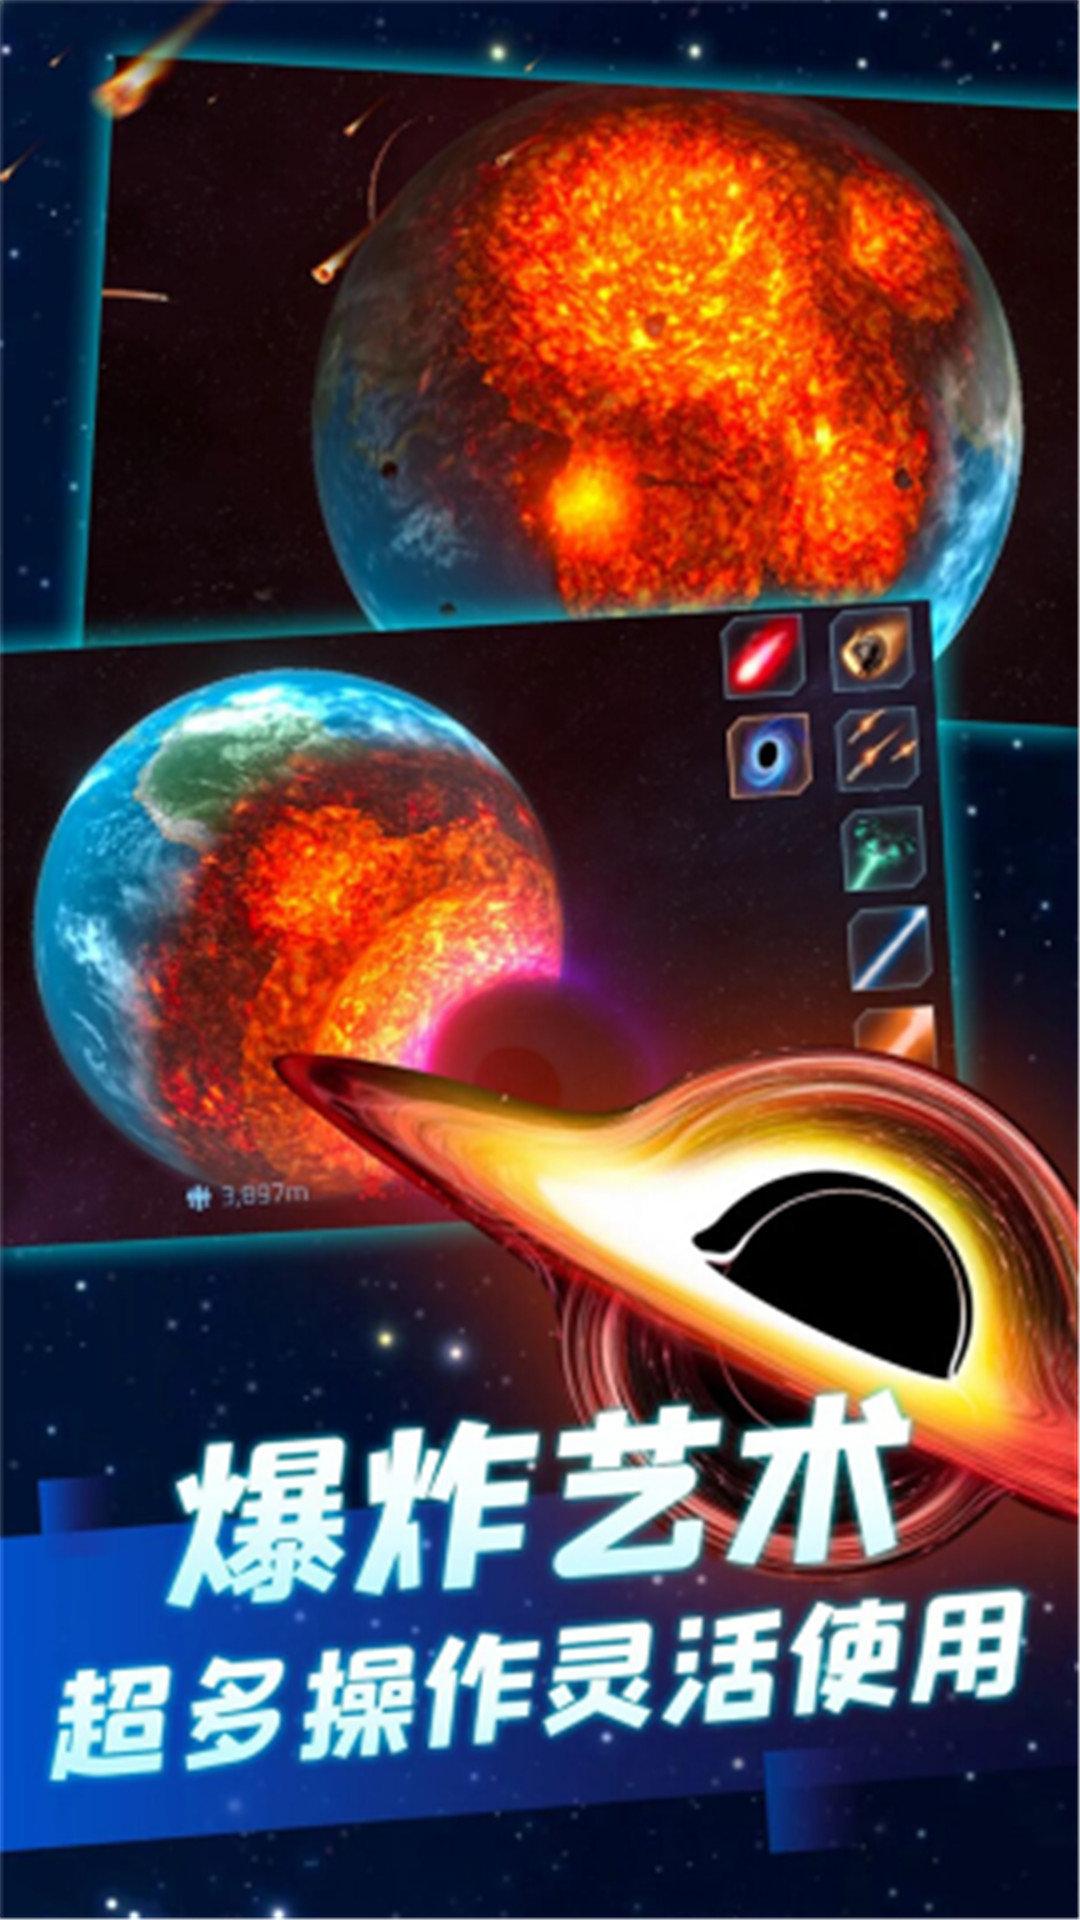 星球毁灭模拟器2021最新版图4